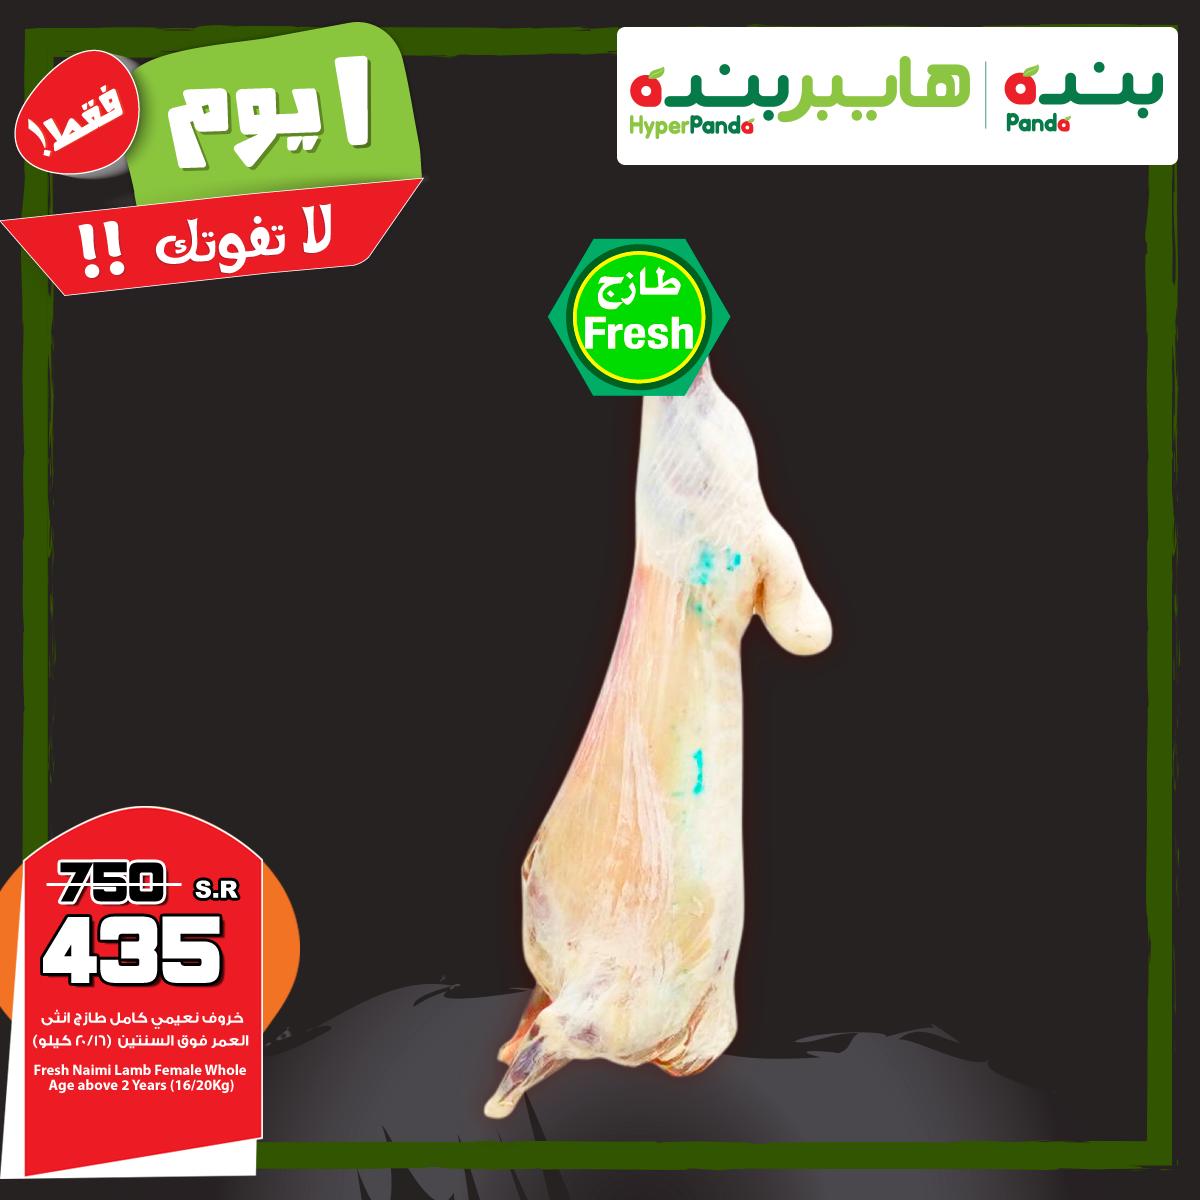 عروض بنده و هايبر بنده حسومات مميزة ليوم واحد الثلاثاء 31 يوليو 2018